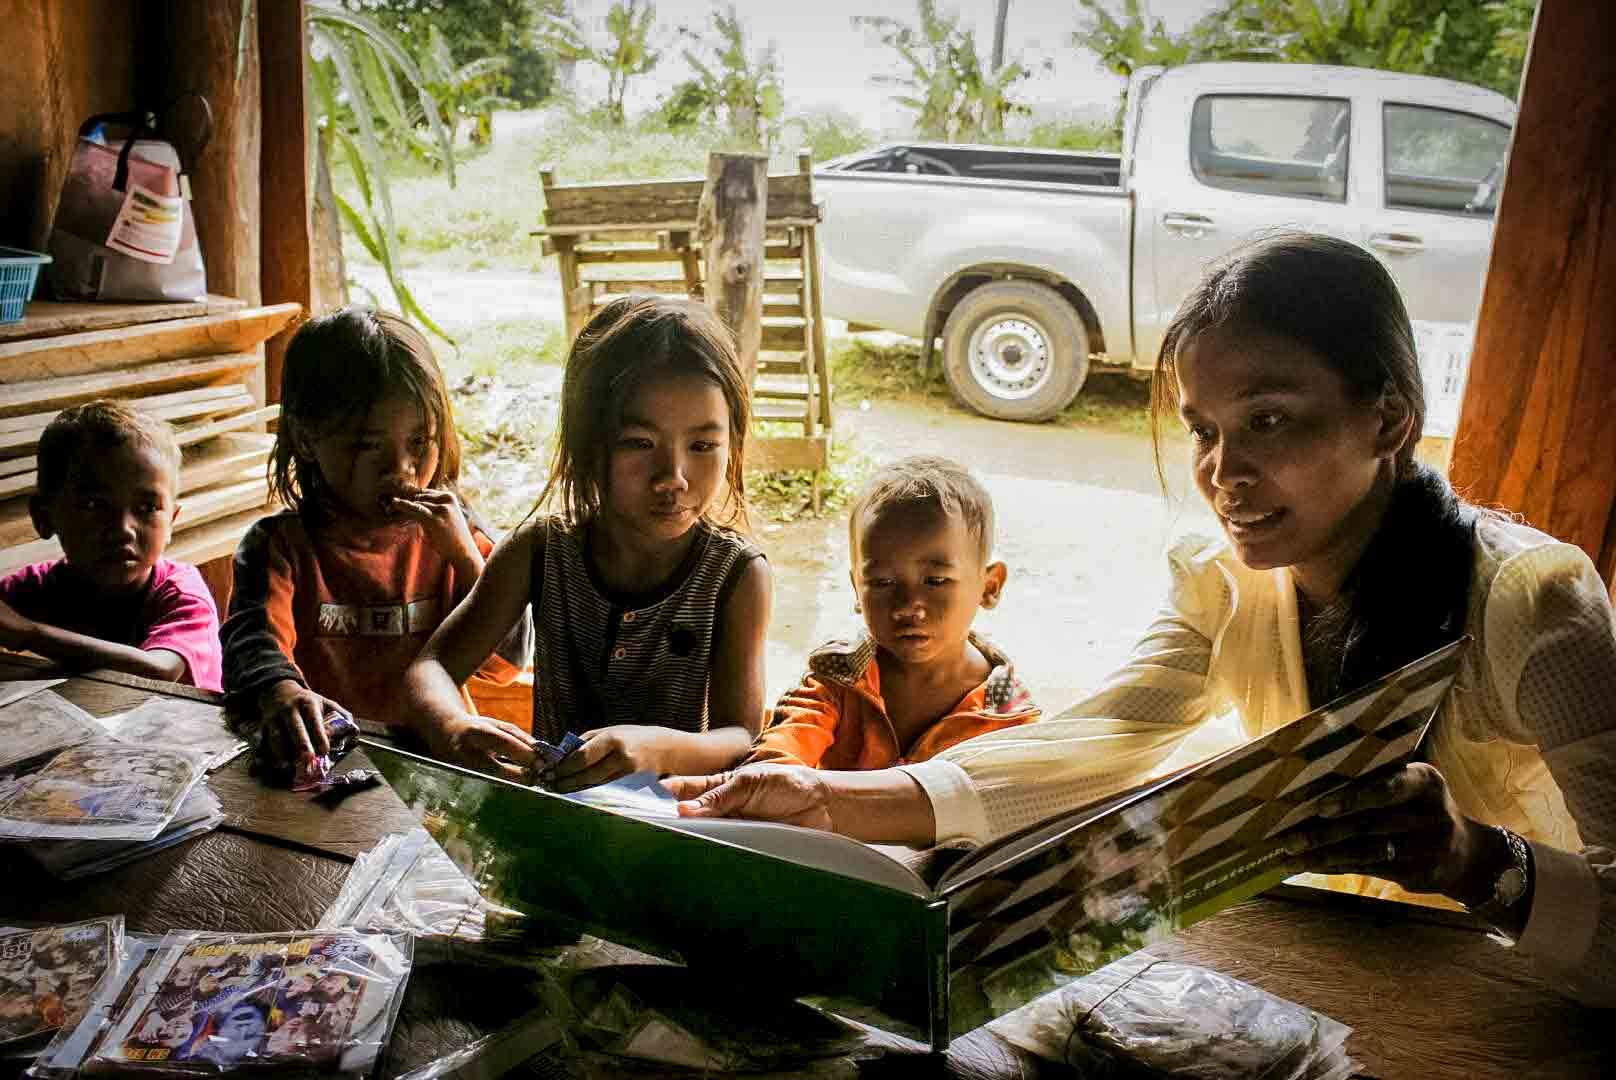 Localisation et intervention humanitaire dans un village au Cambodge pour des enfants pauvres souffrant de maltraitance, d'abus sexuel ou abandonnés par leurs parents et confié à des personnes du village.